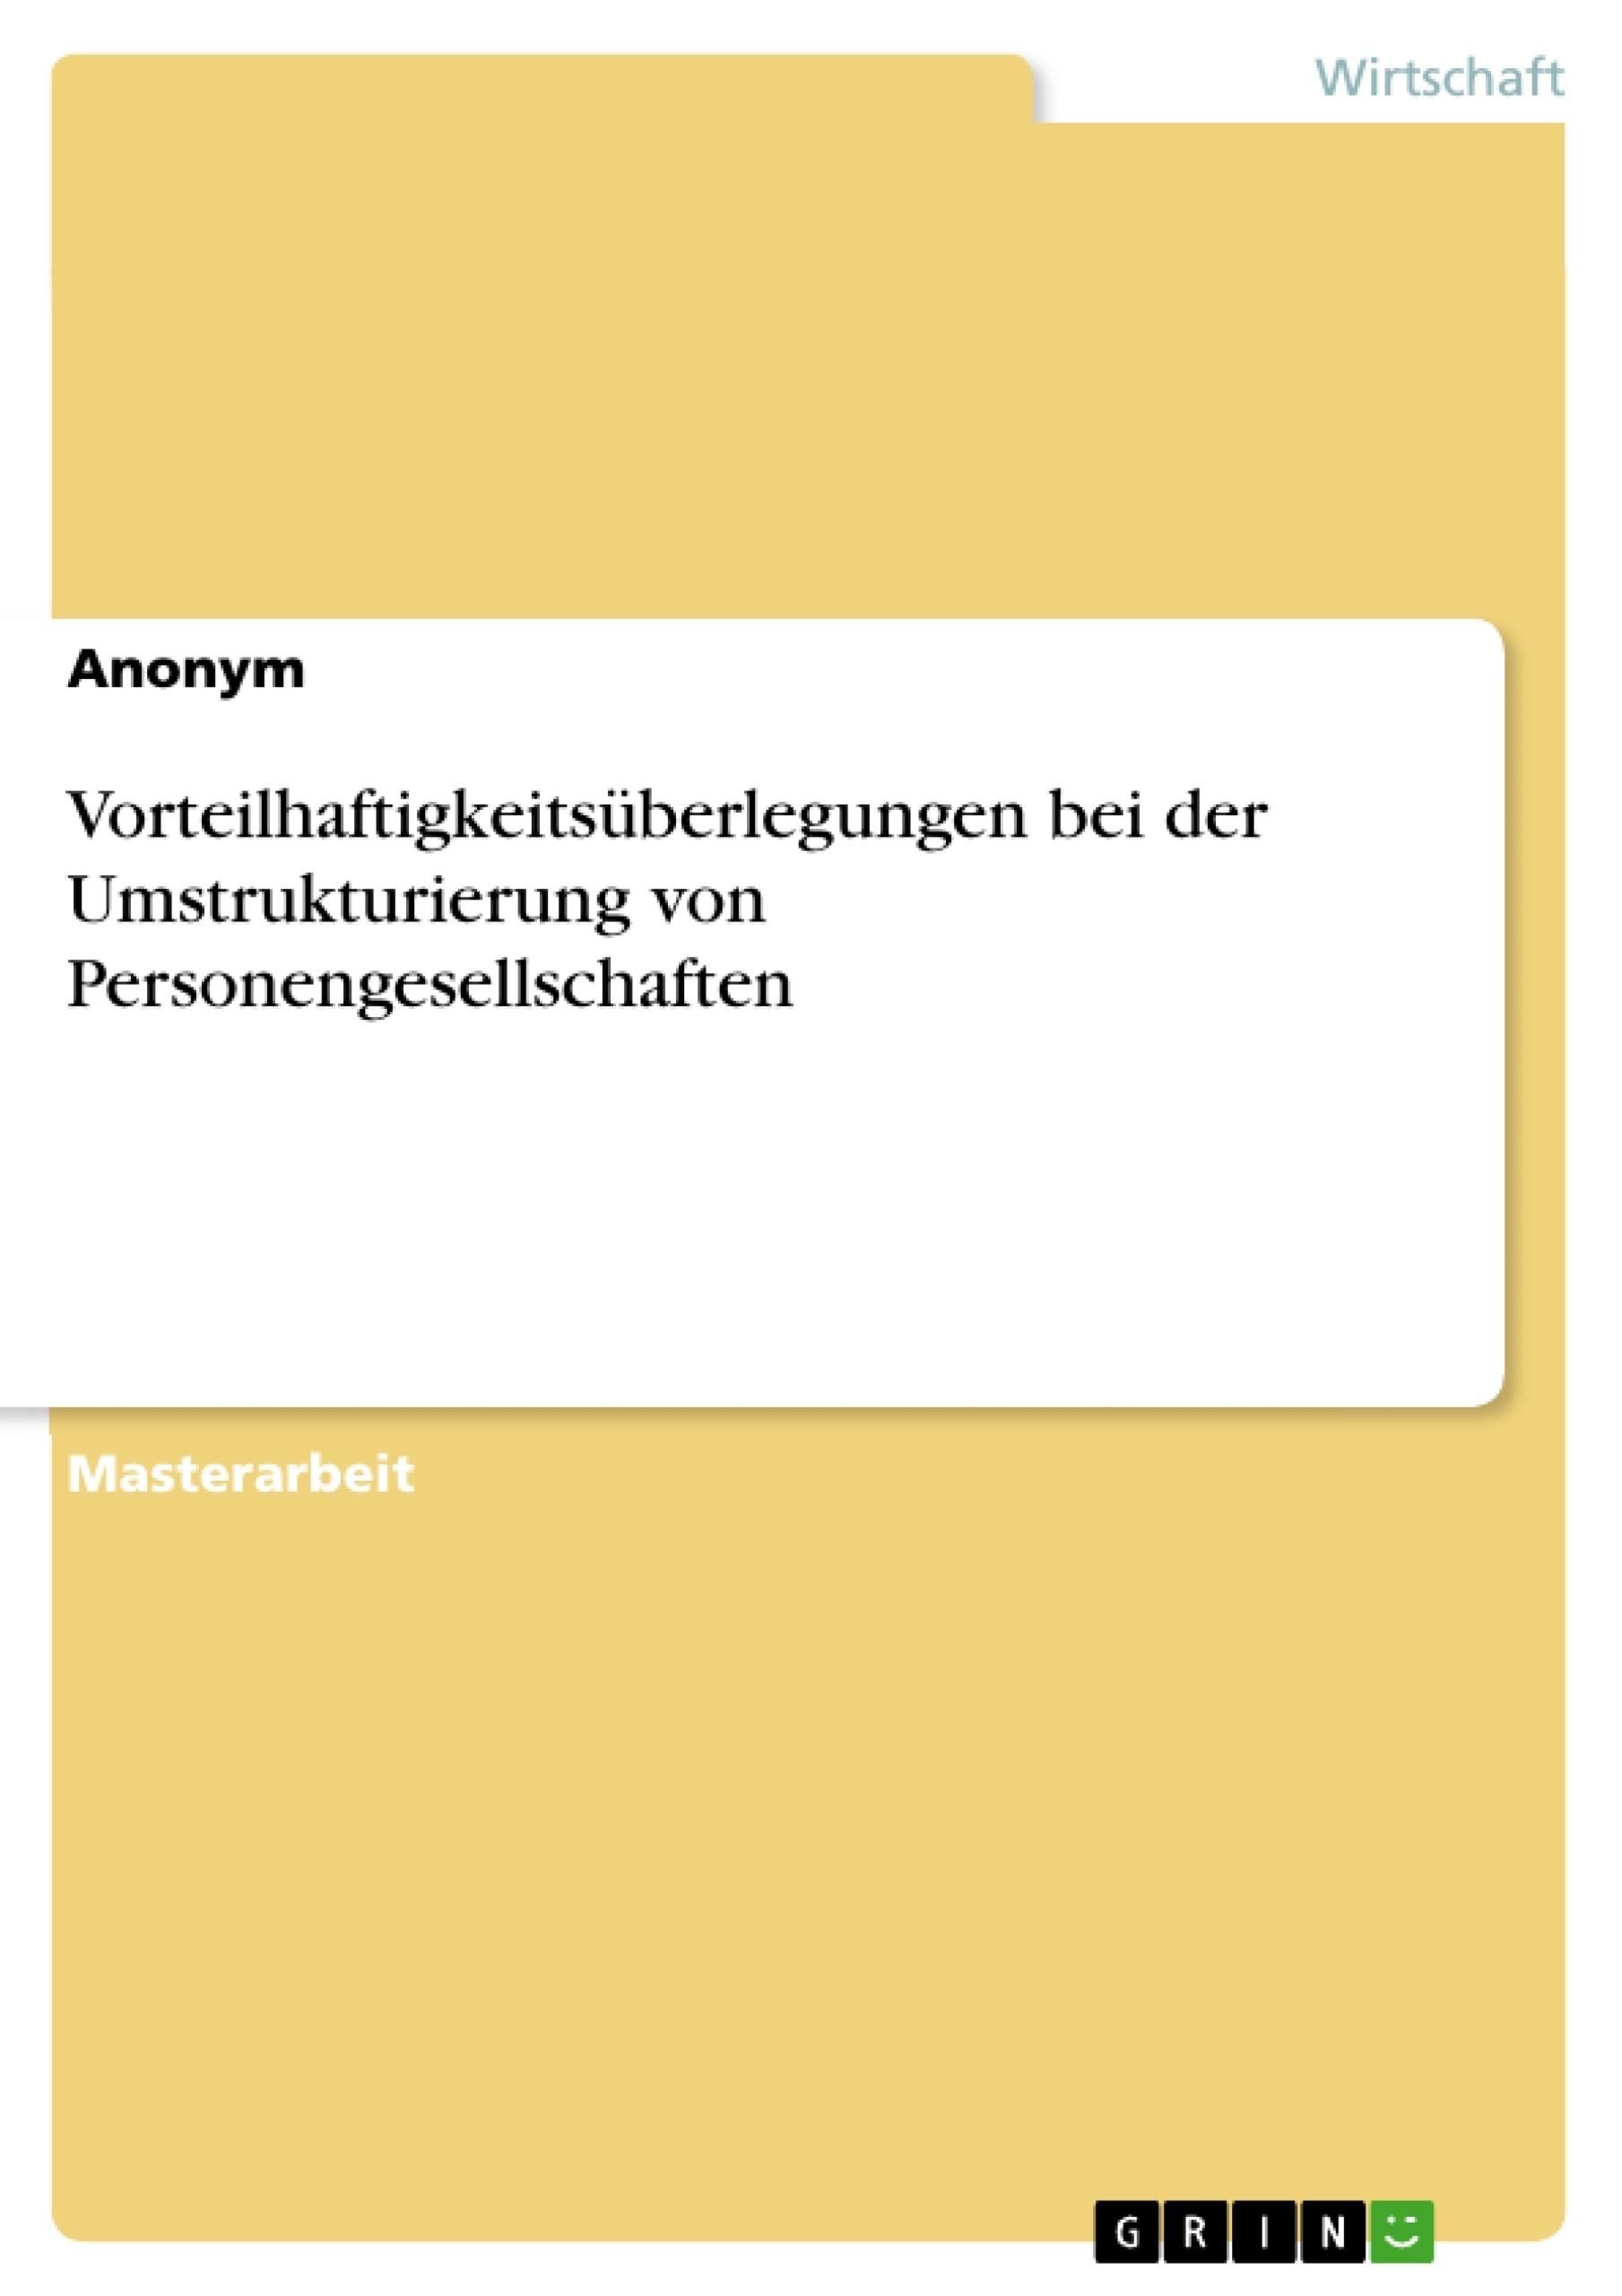 Titel: Vorteilhaftigkeitsüberlegungen bei der Umstrukturierung von Personengesellschaften